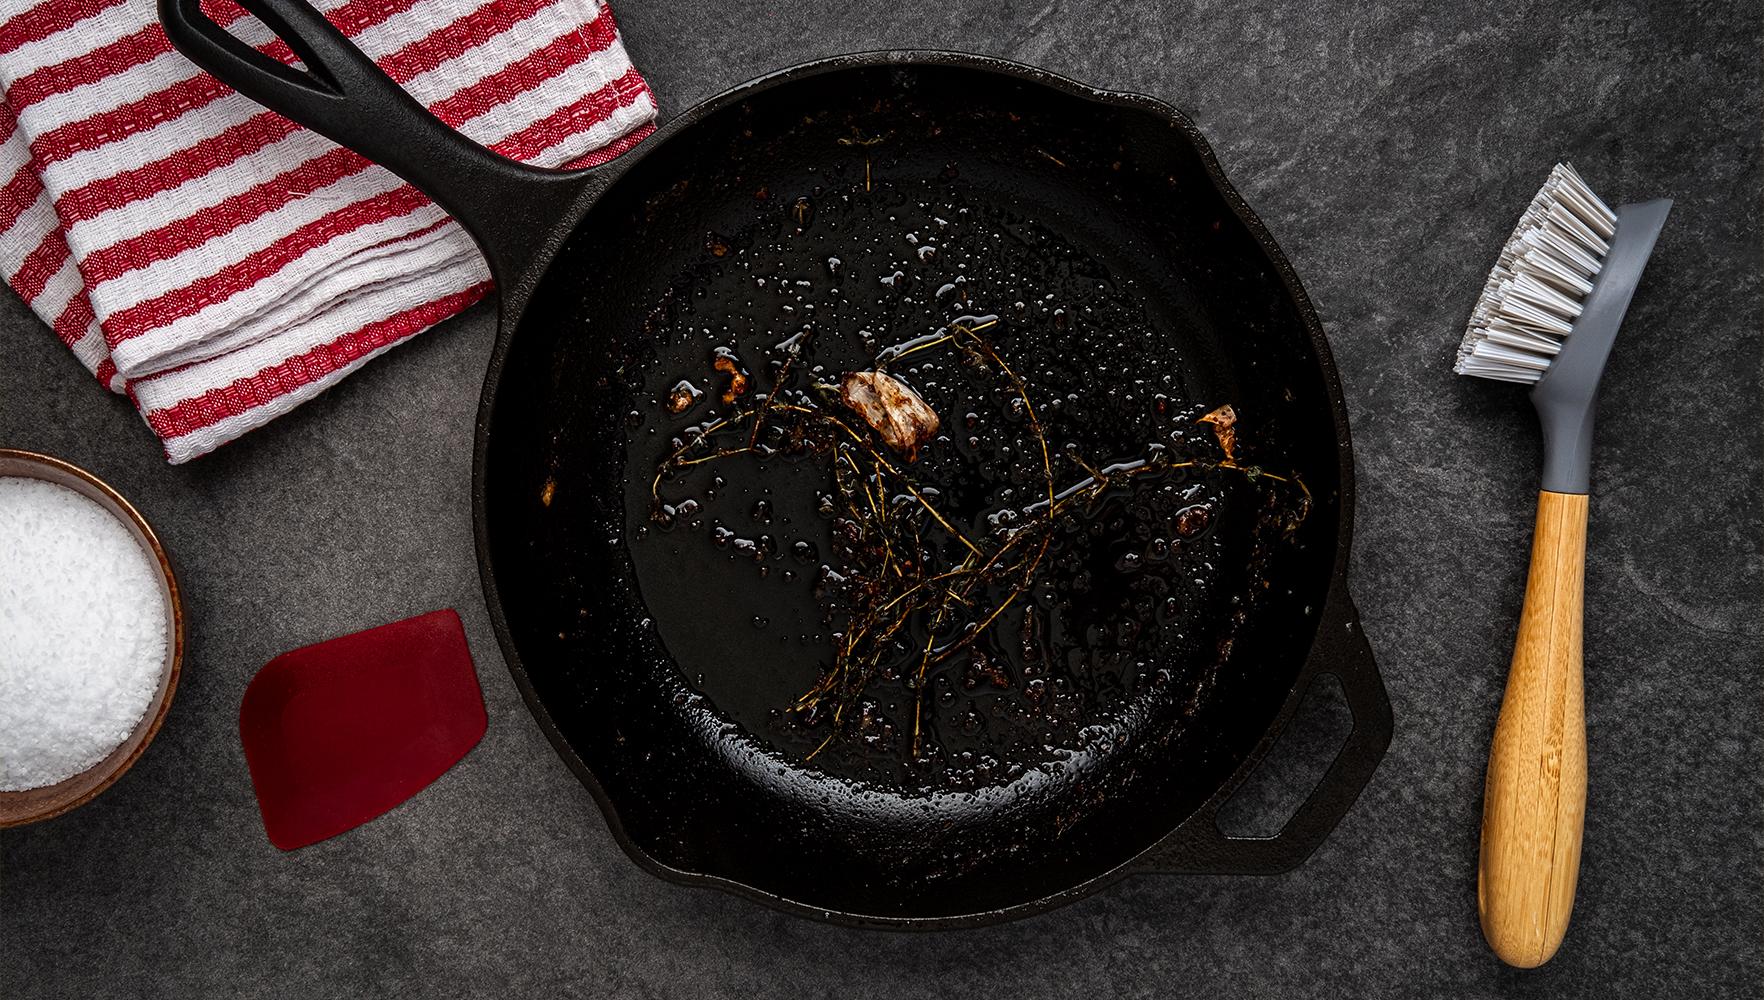 نظافت تابه ی چدنی و غذای سوخته